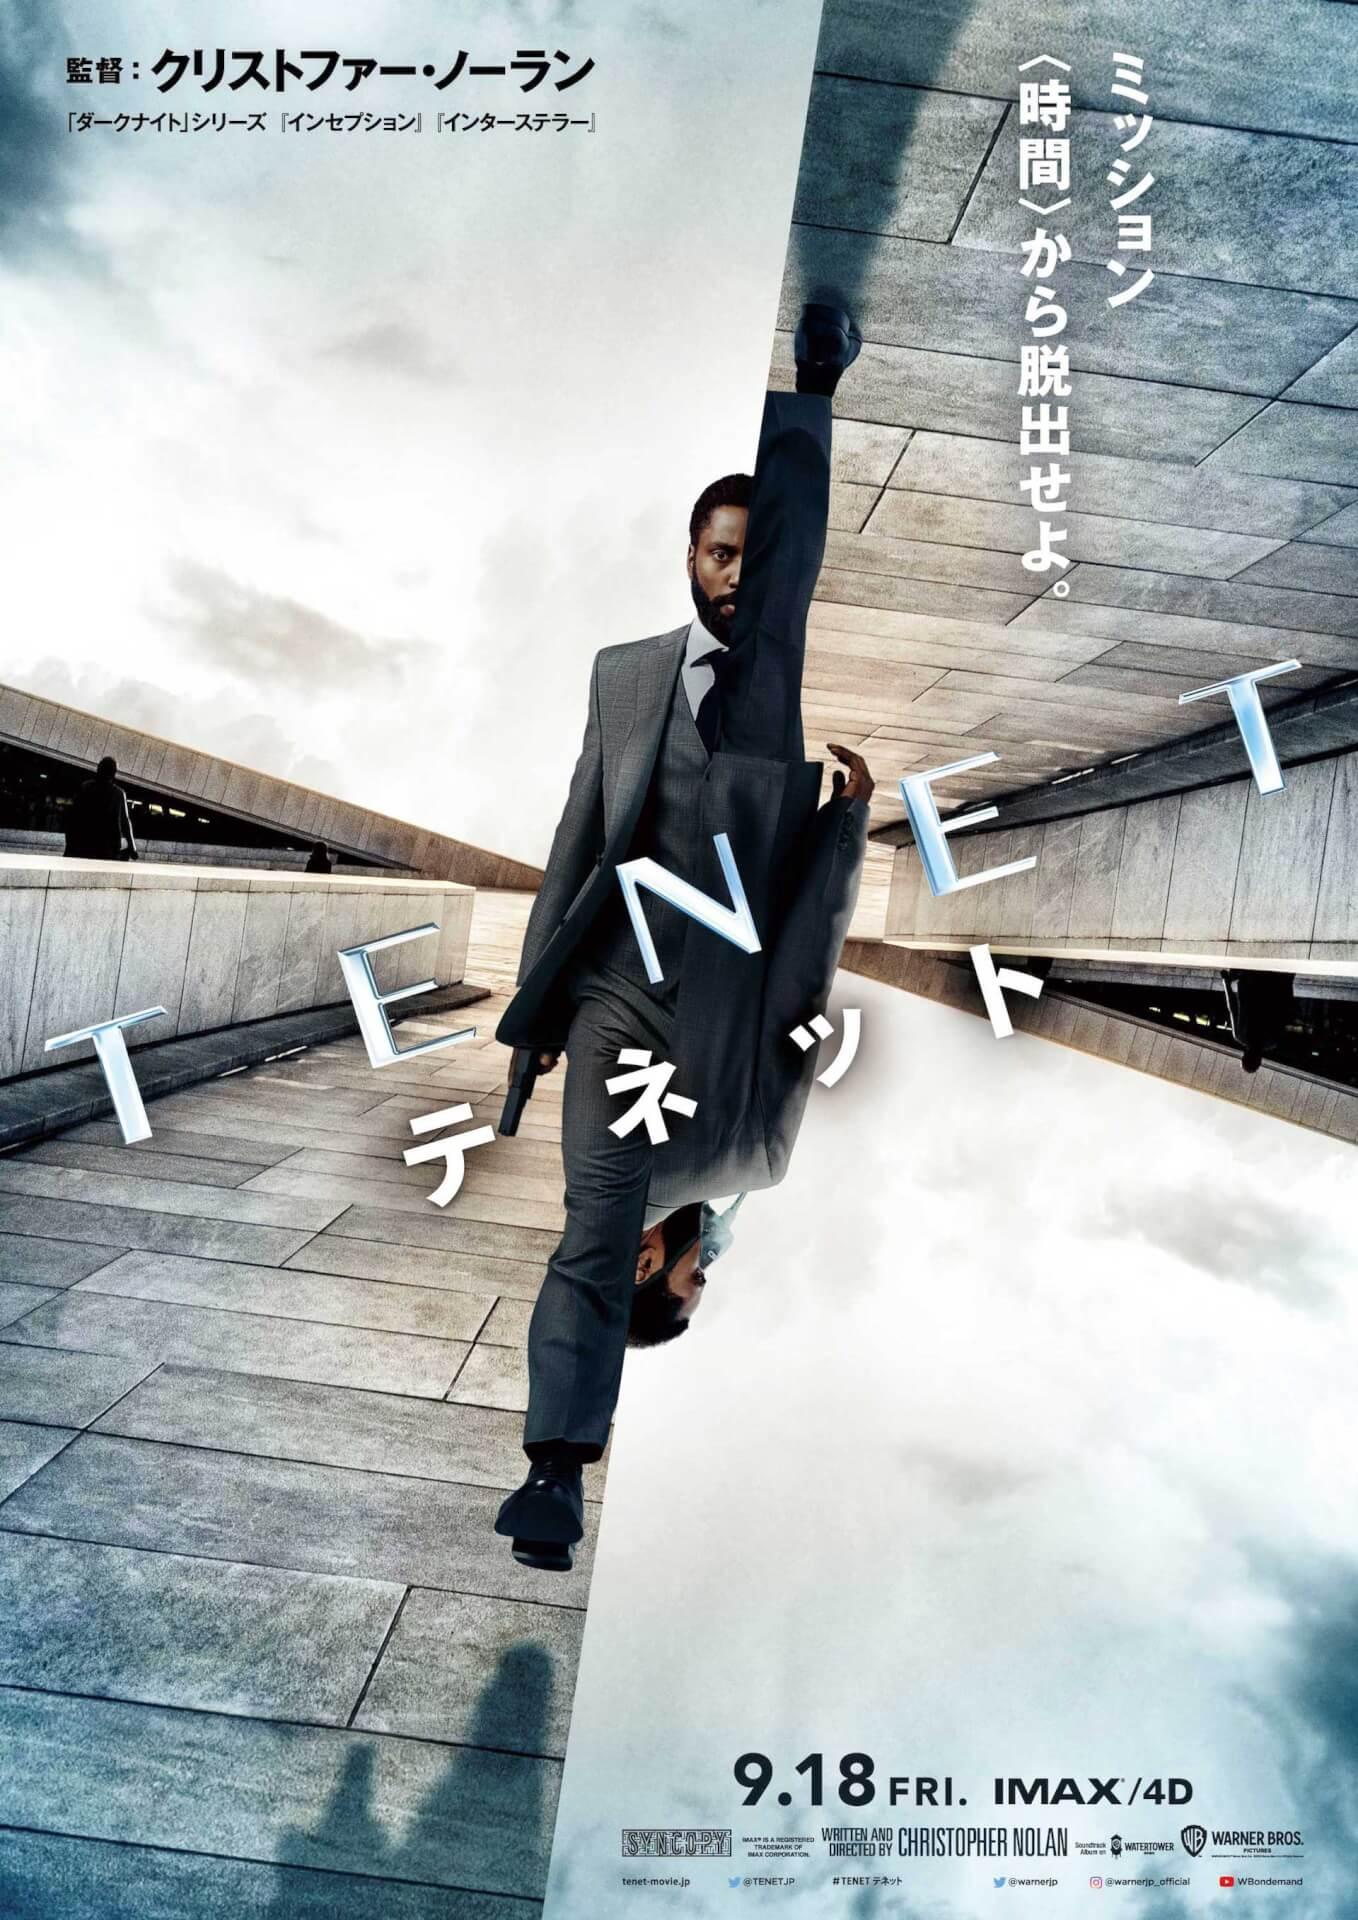 『TENET テネット』の新たな「時間の逆行」シーンがふんだんに盛り込まれた最新スポット映像2本が解禁! film200826_tenet_5